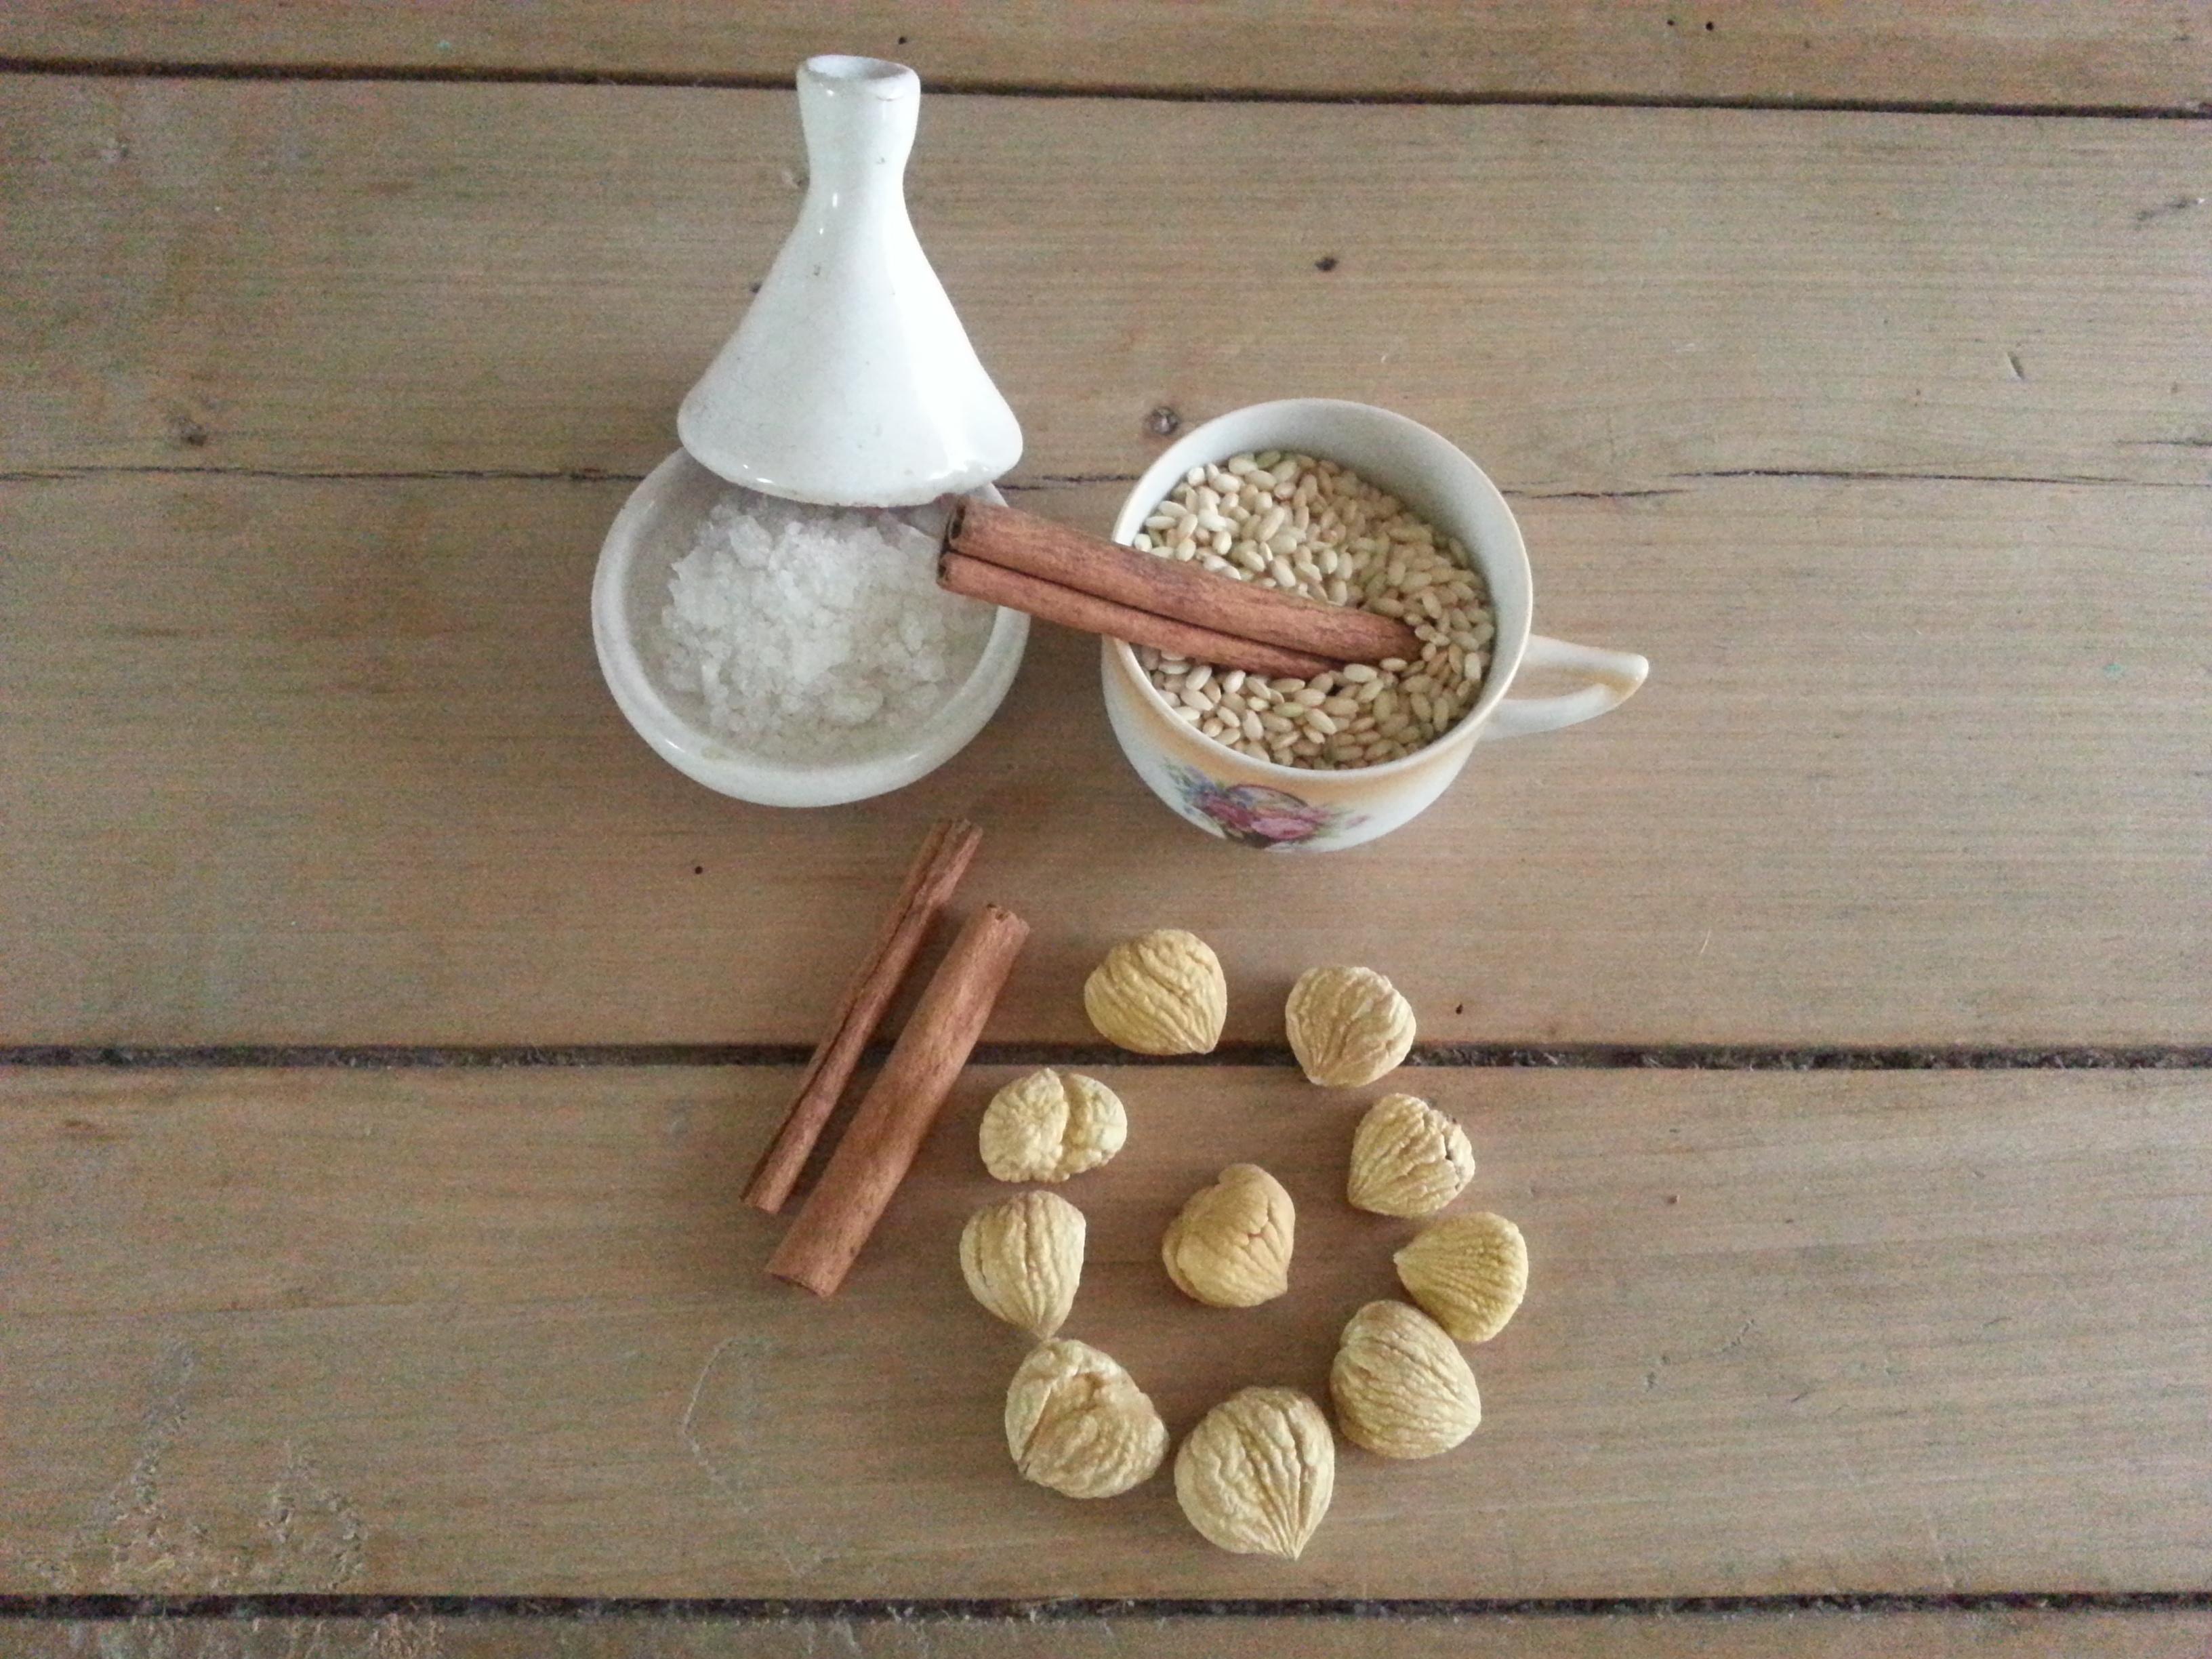 Ingredientes para preparar una crema de arroz con canela y castañas